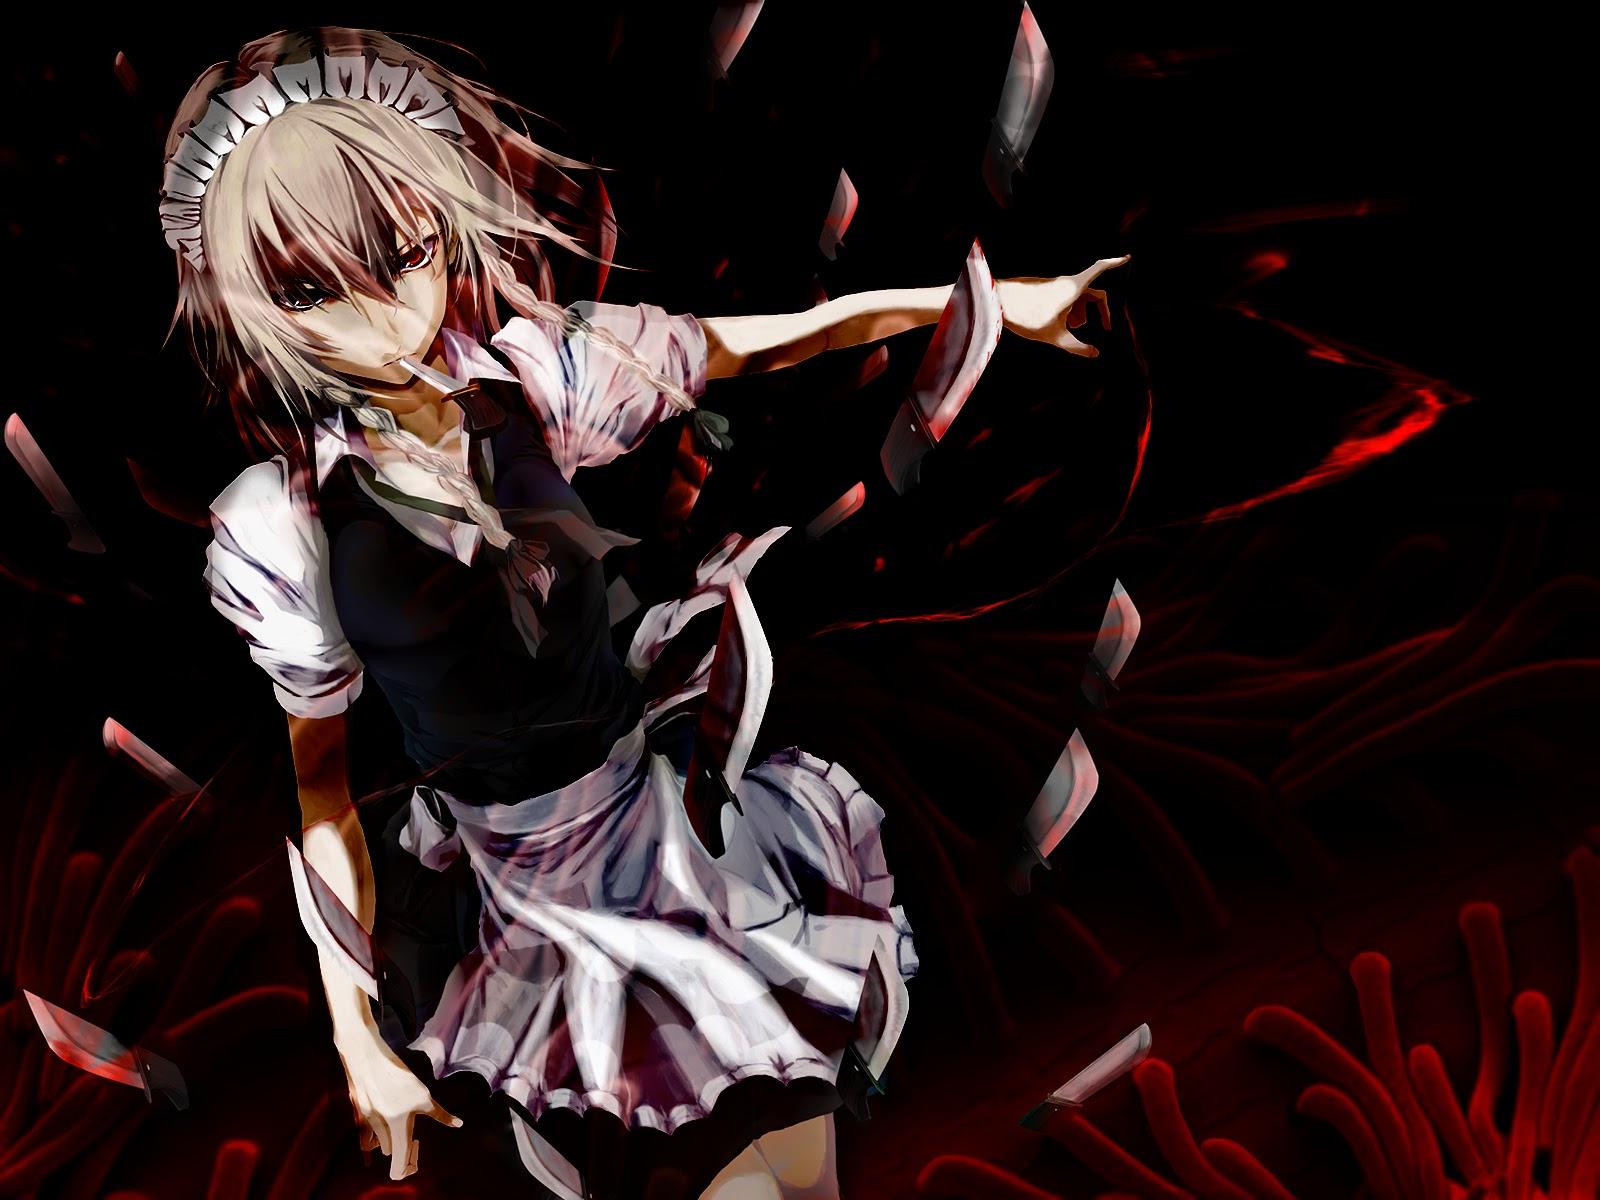 Ảnh Anime Ác Quỷ đáng sợ